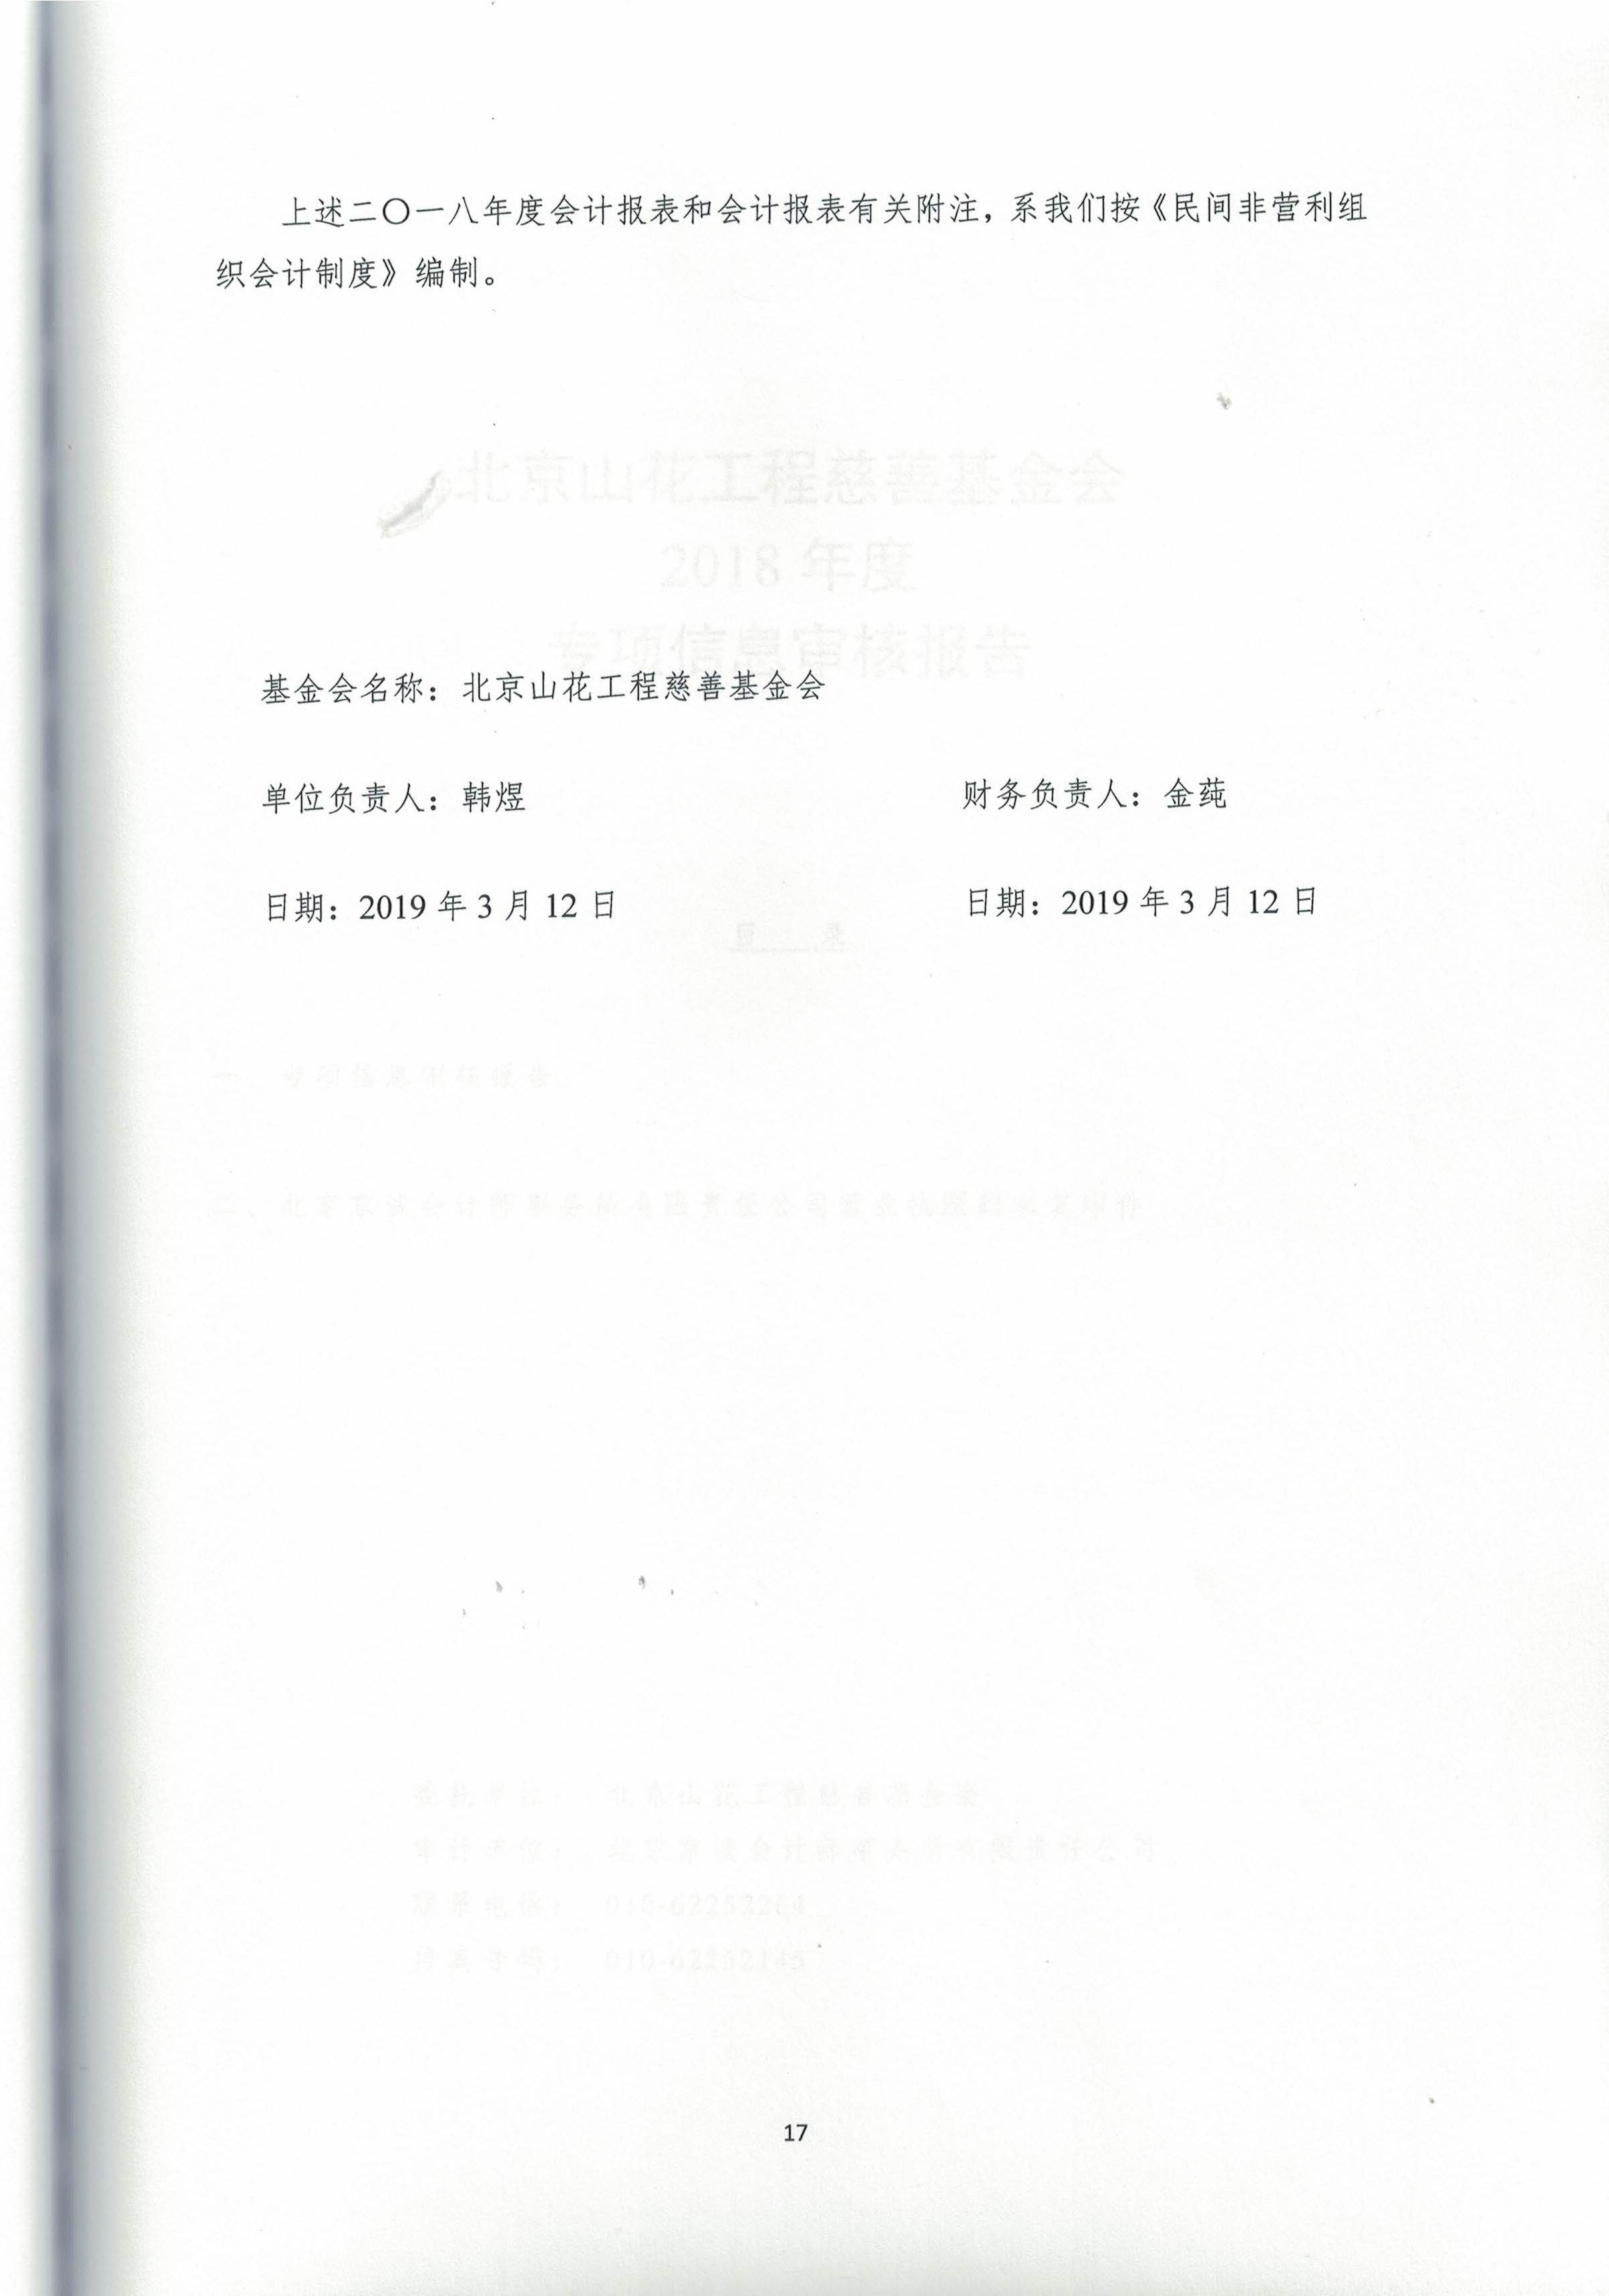 2018审计报告_页面_19